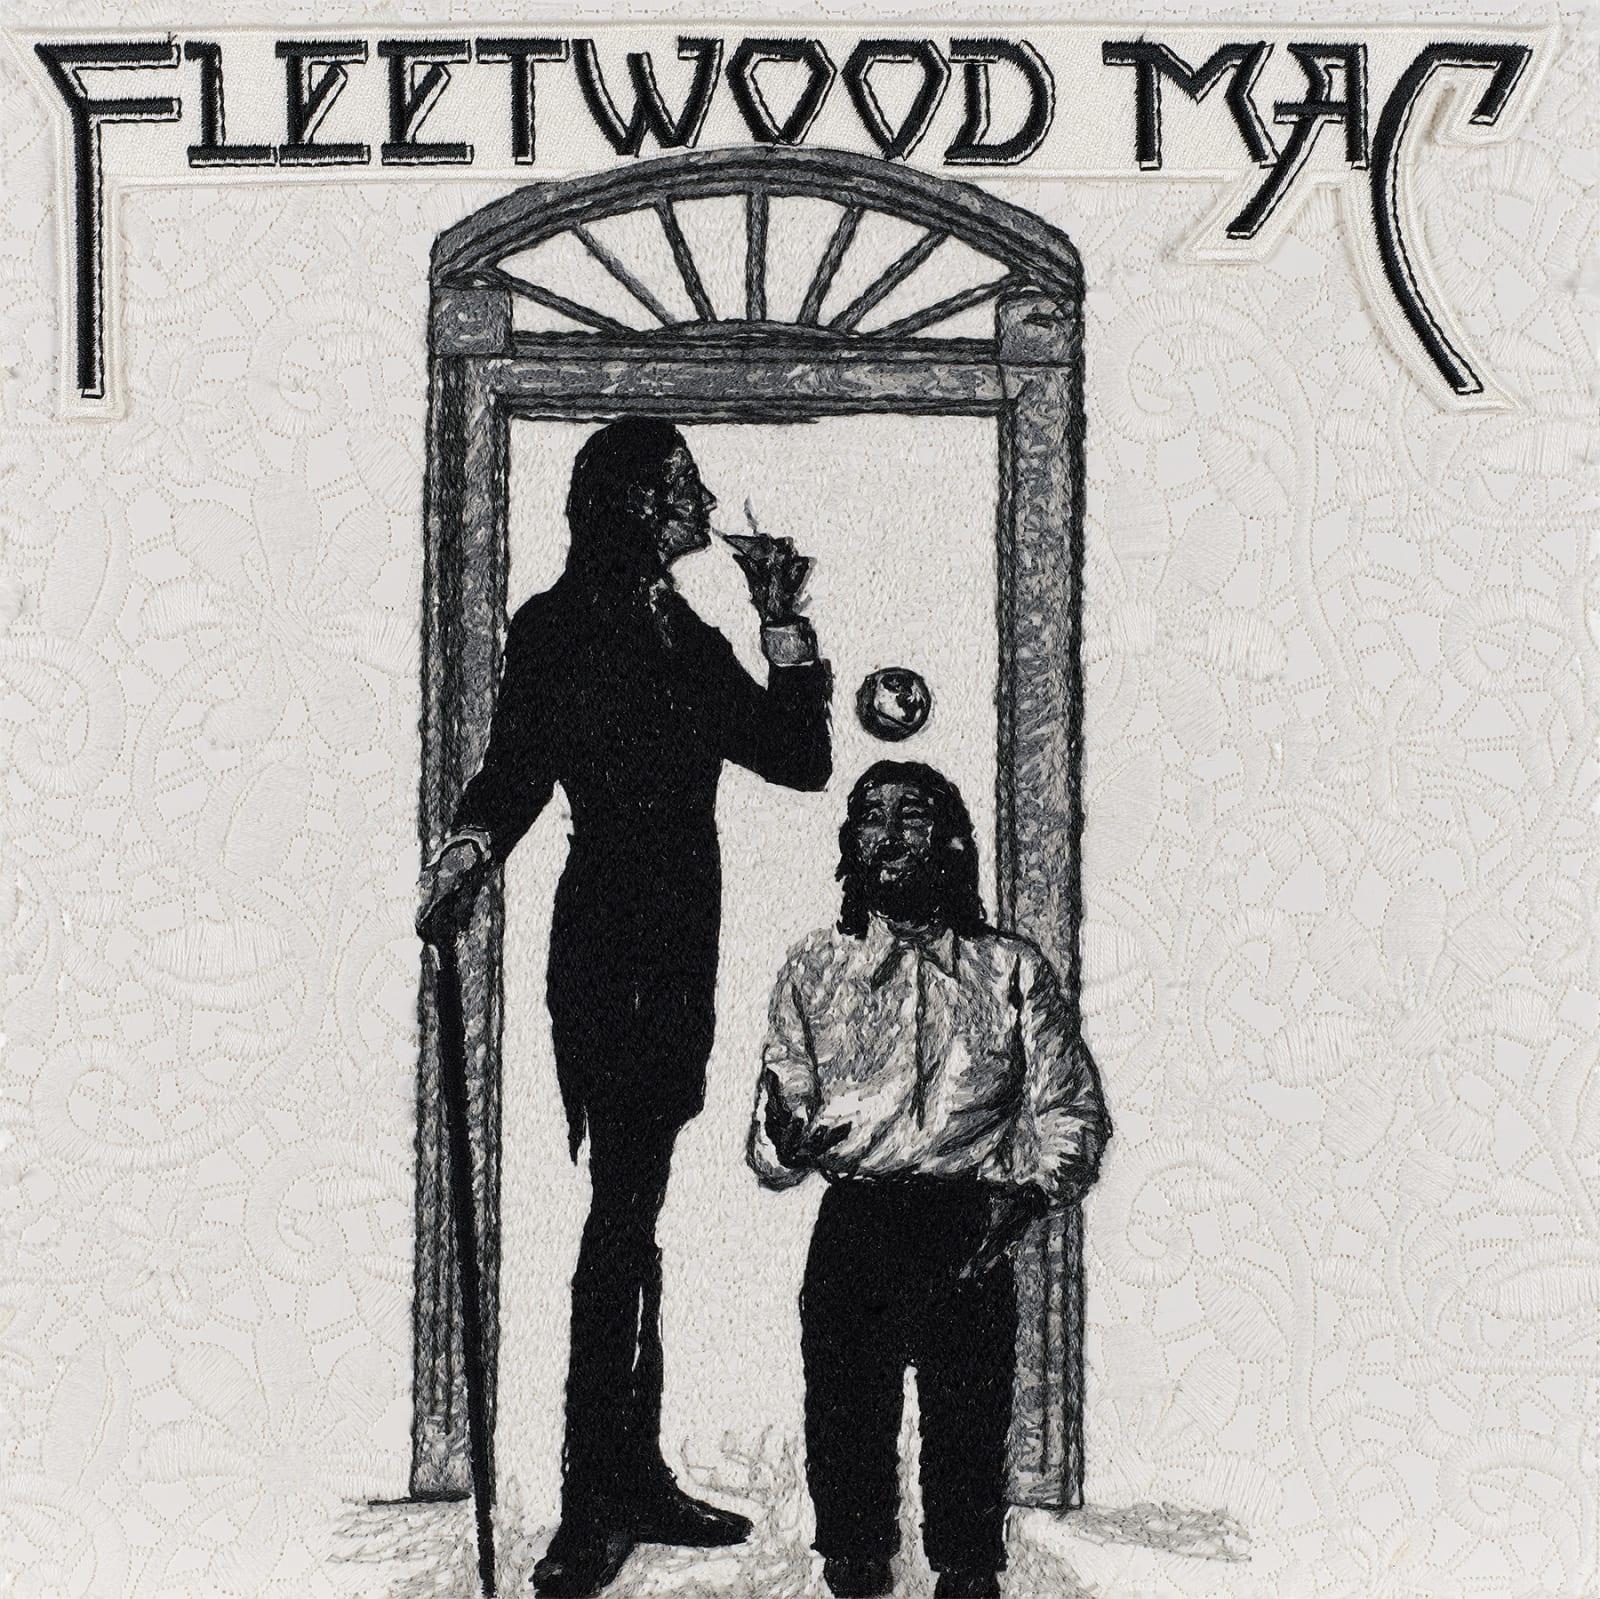 Stephen Wilson Fleetwood Mac 2020 Stephen Wilson Studio